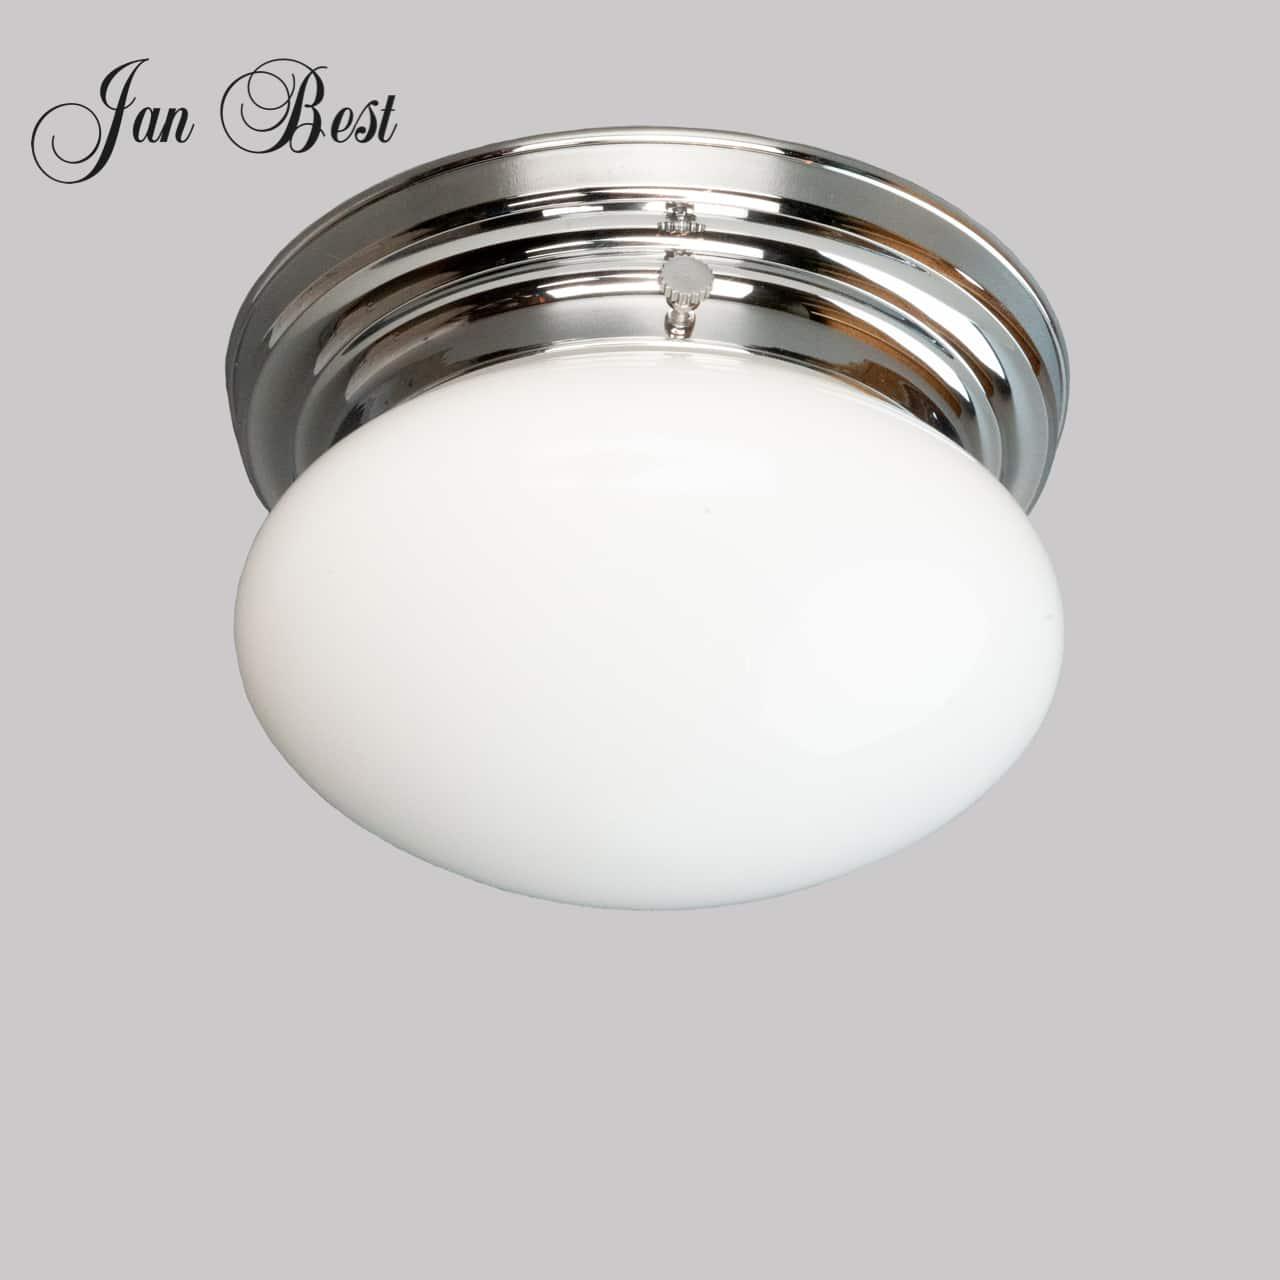 jan-best-plafonnier-badkamer-keuken-nostalgische-verlichting-klassieke-verlichting-messing-chroom-horeca-verlichting-aalsmeer